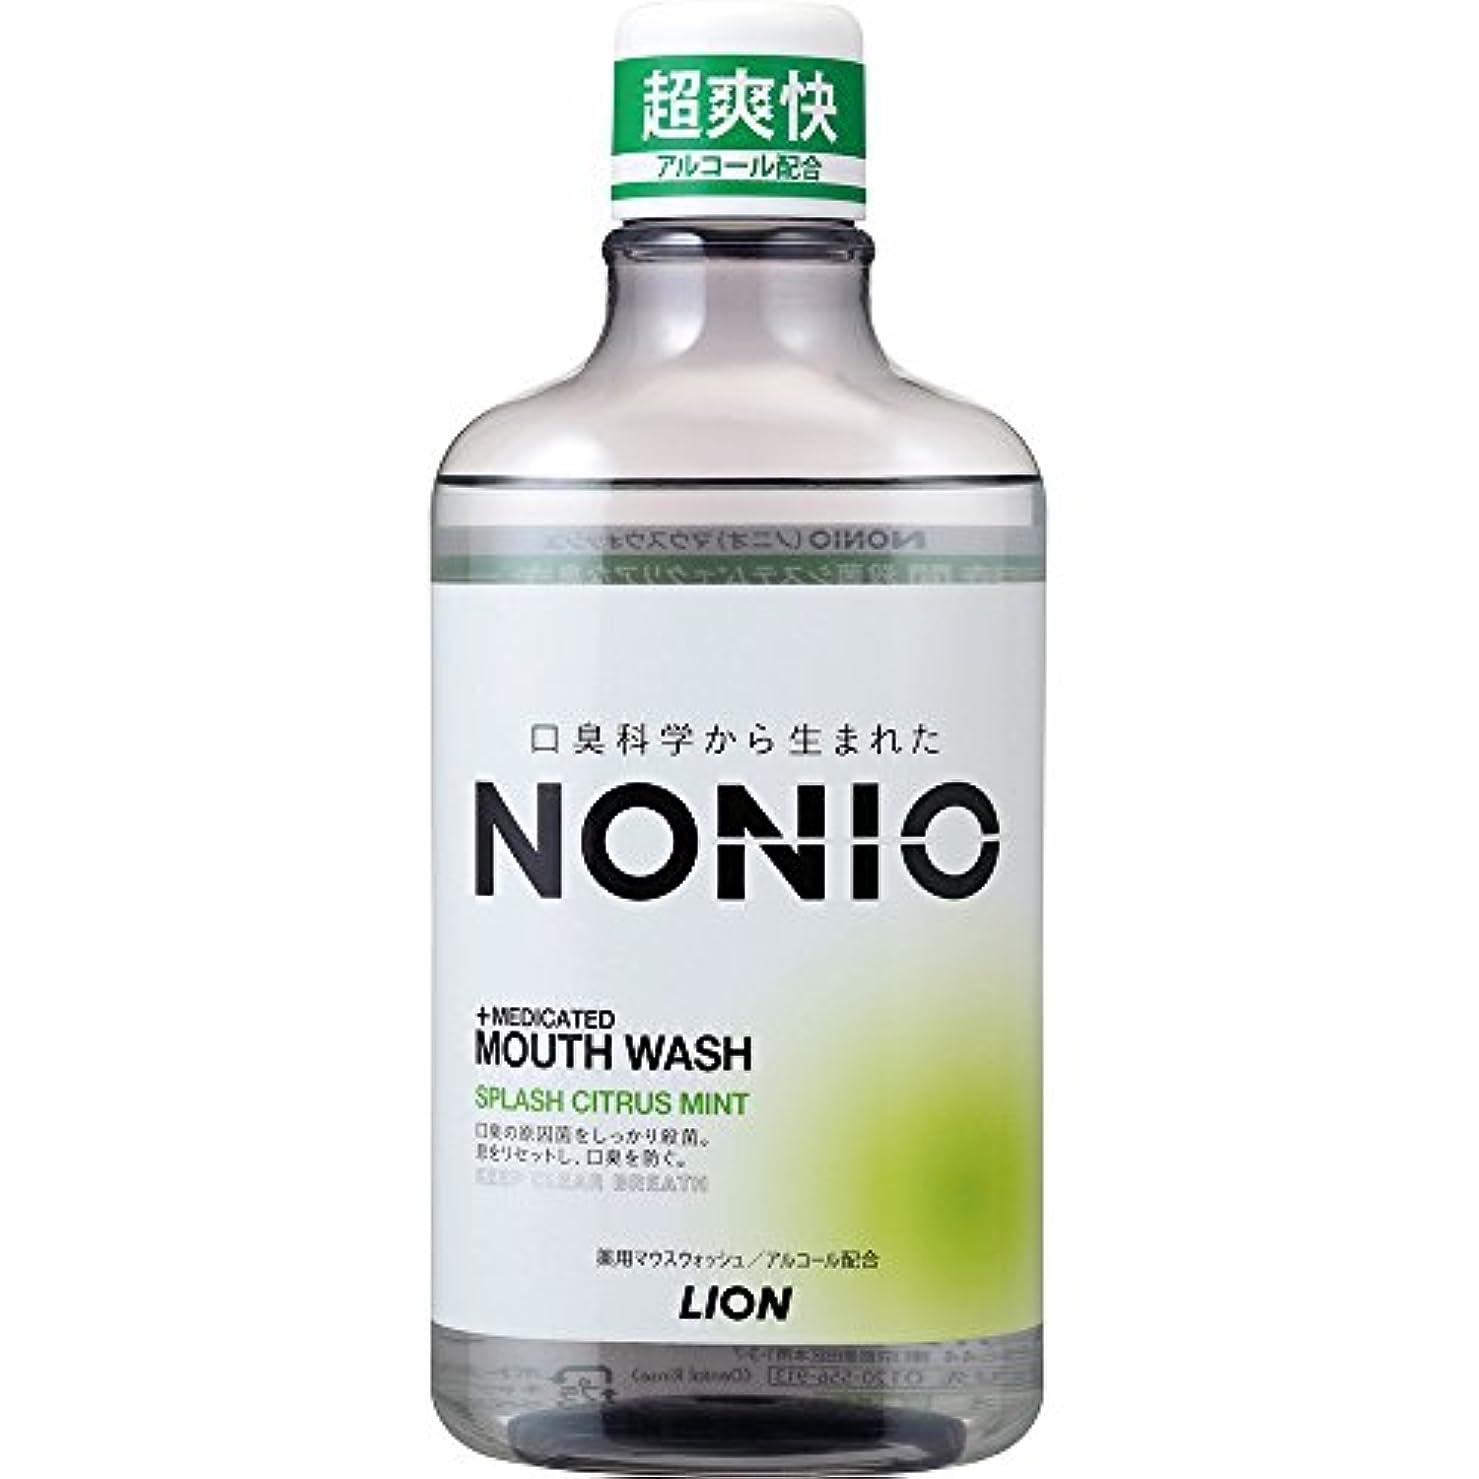 ムス操縦するランプ[医薬部外品]NONIO マウスウォッシュ スプラッシュシトラスミント 600ml 洗口液